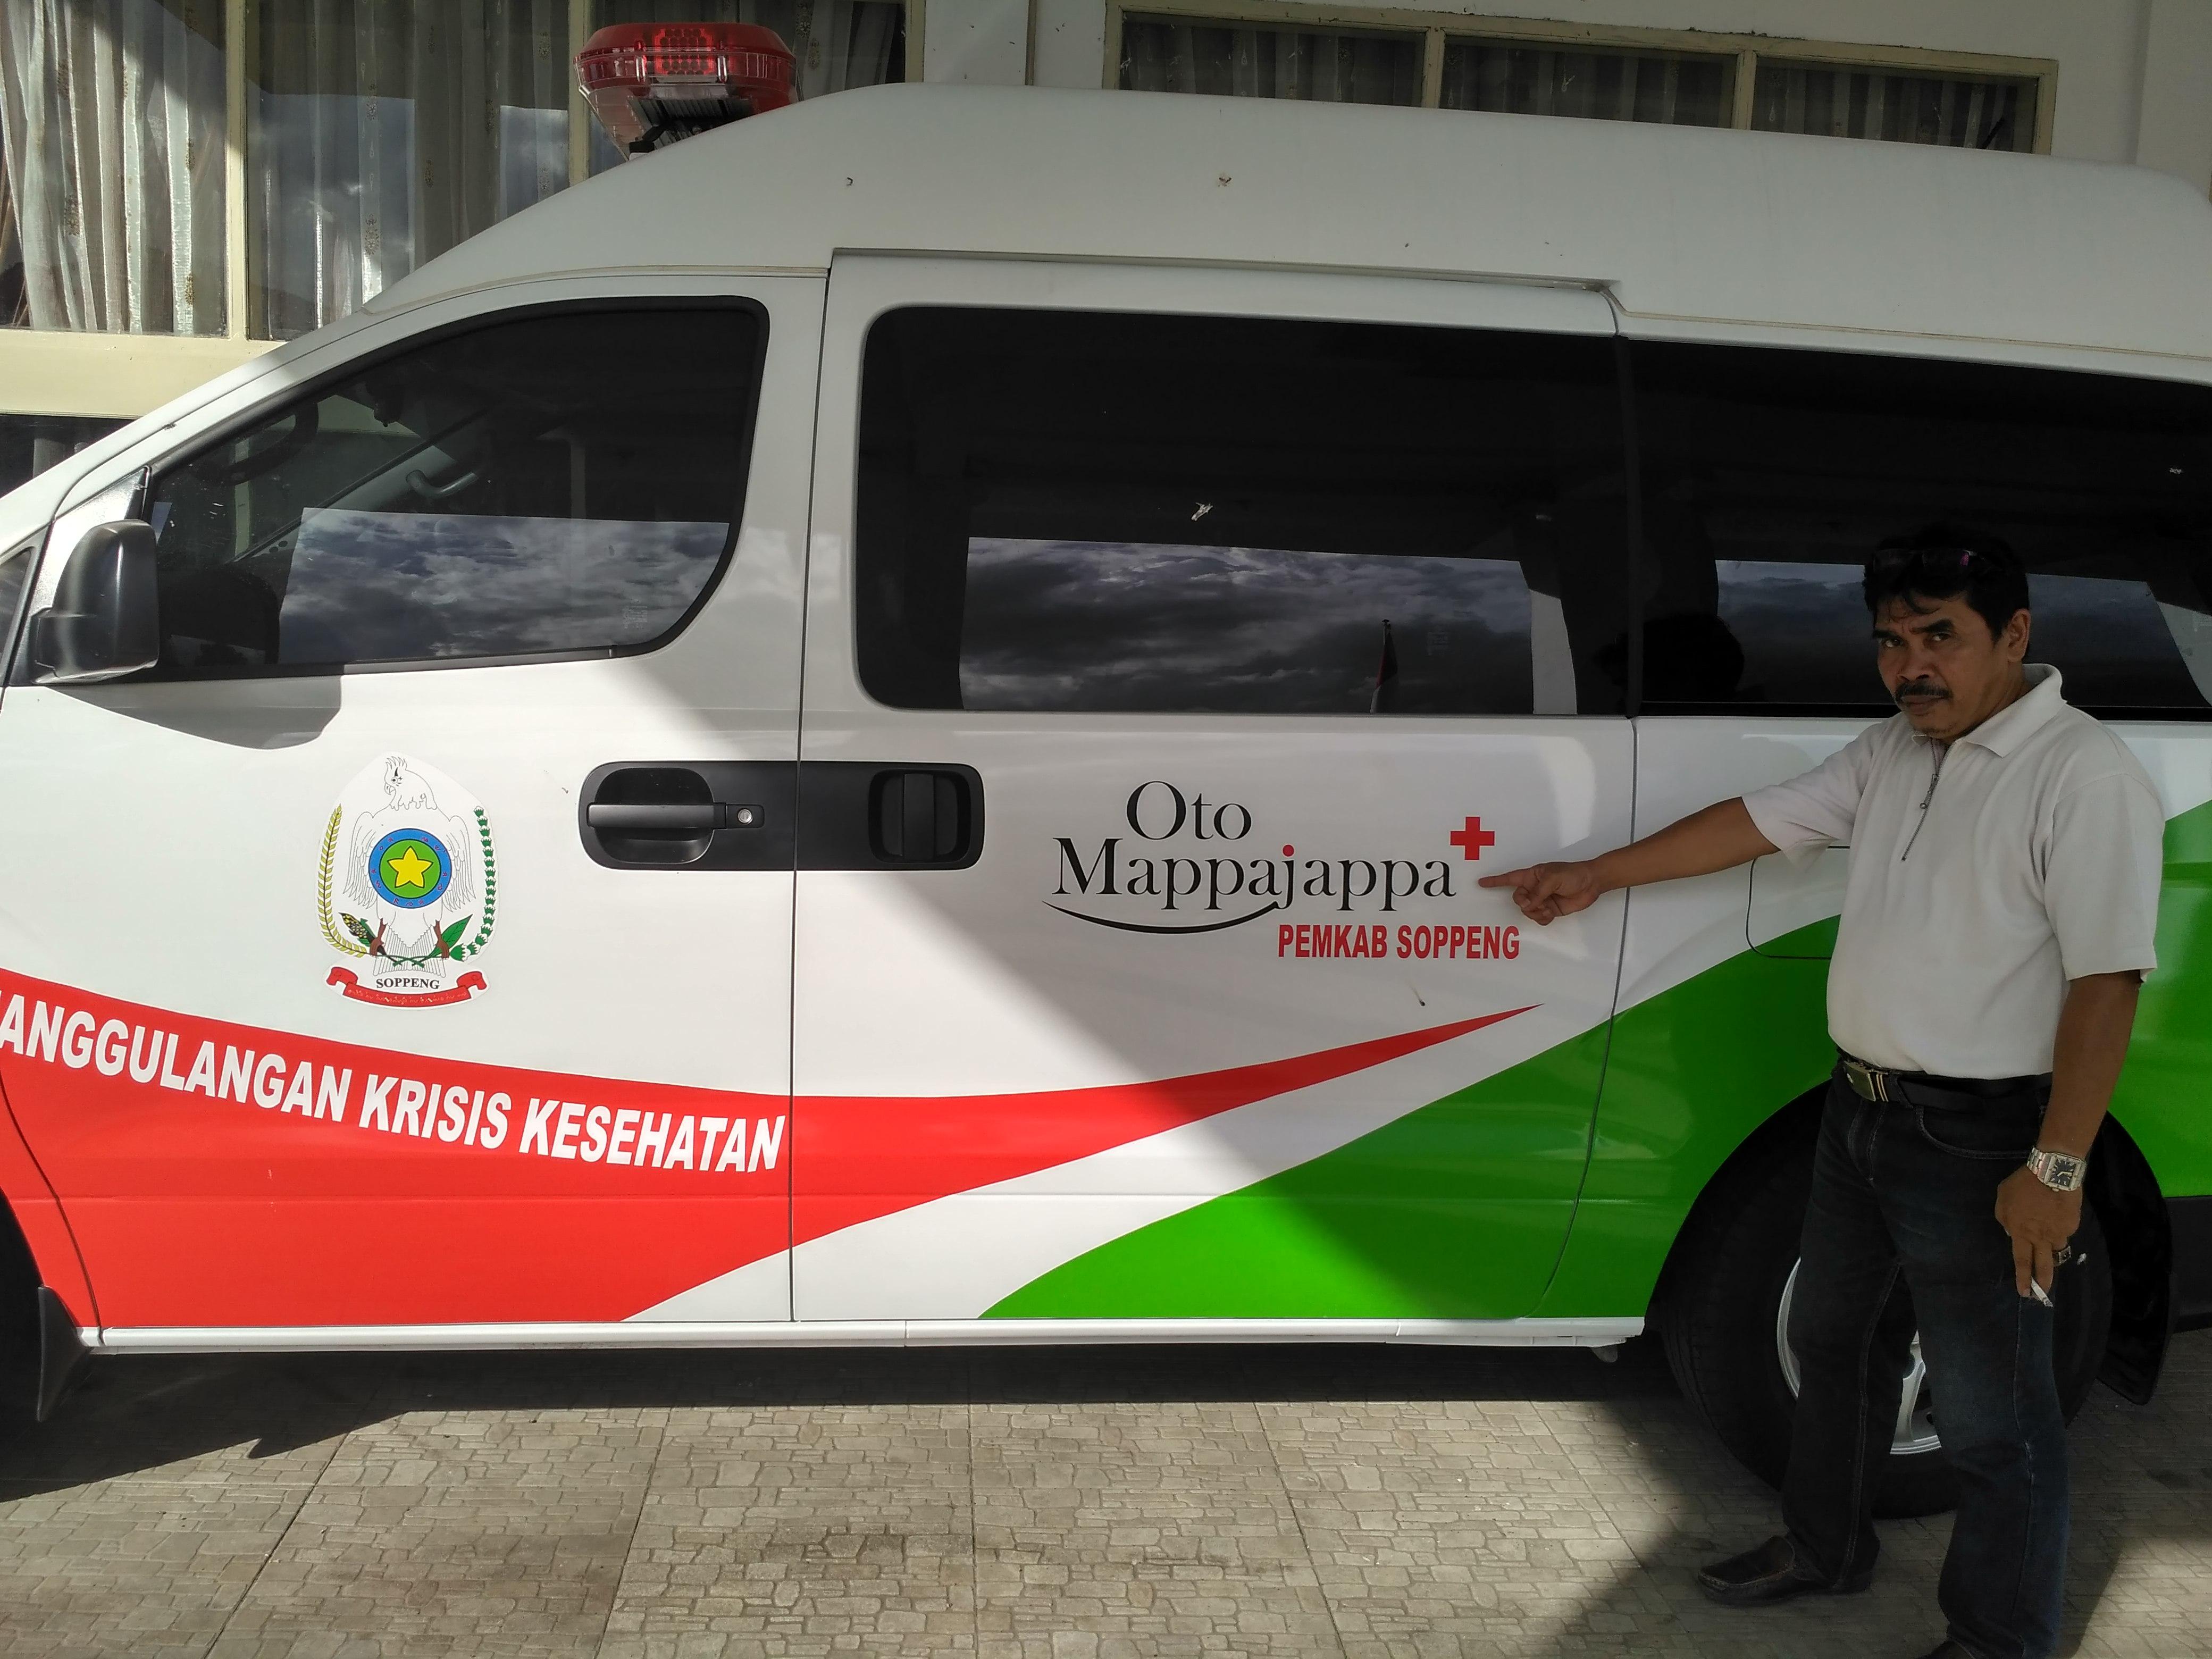 Mappajappa, Ambulance Canggih Milik Pemkab Soppeng